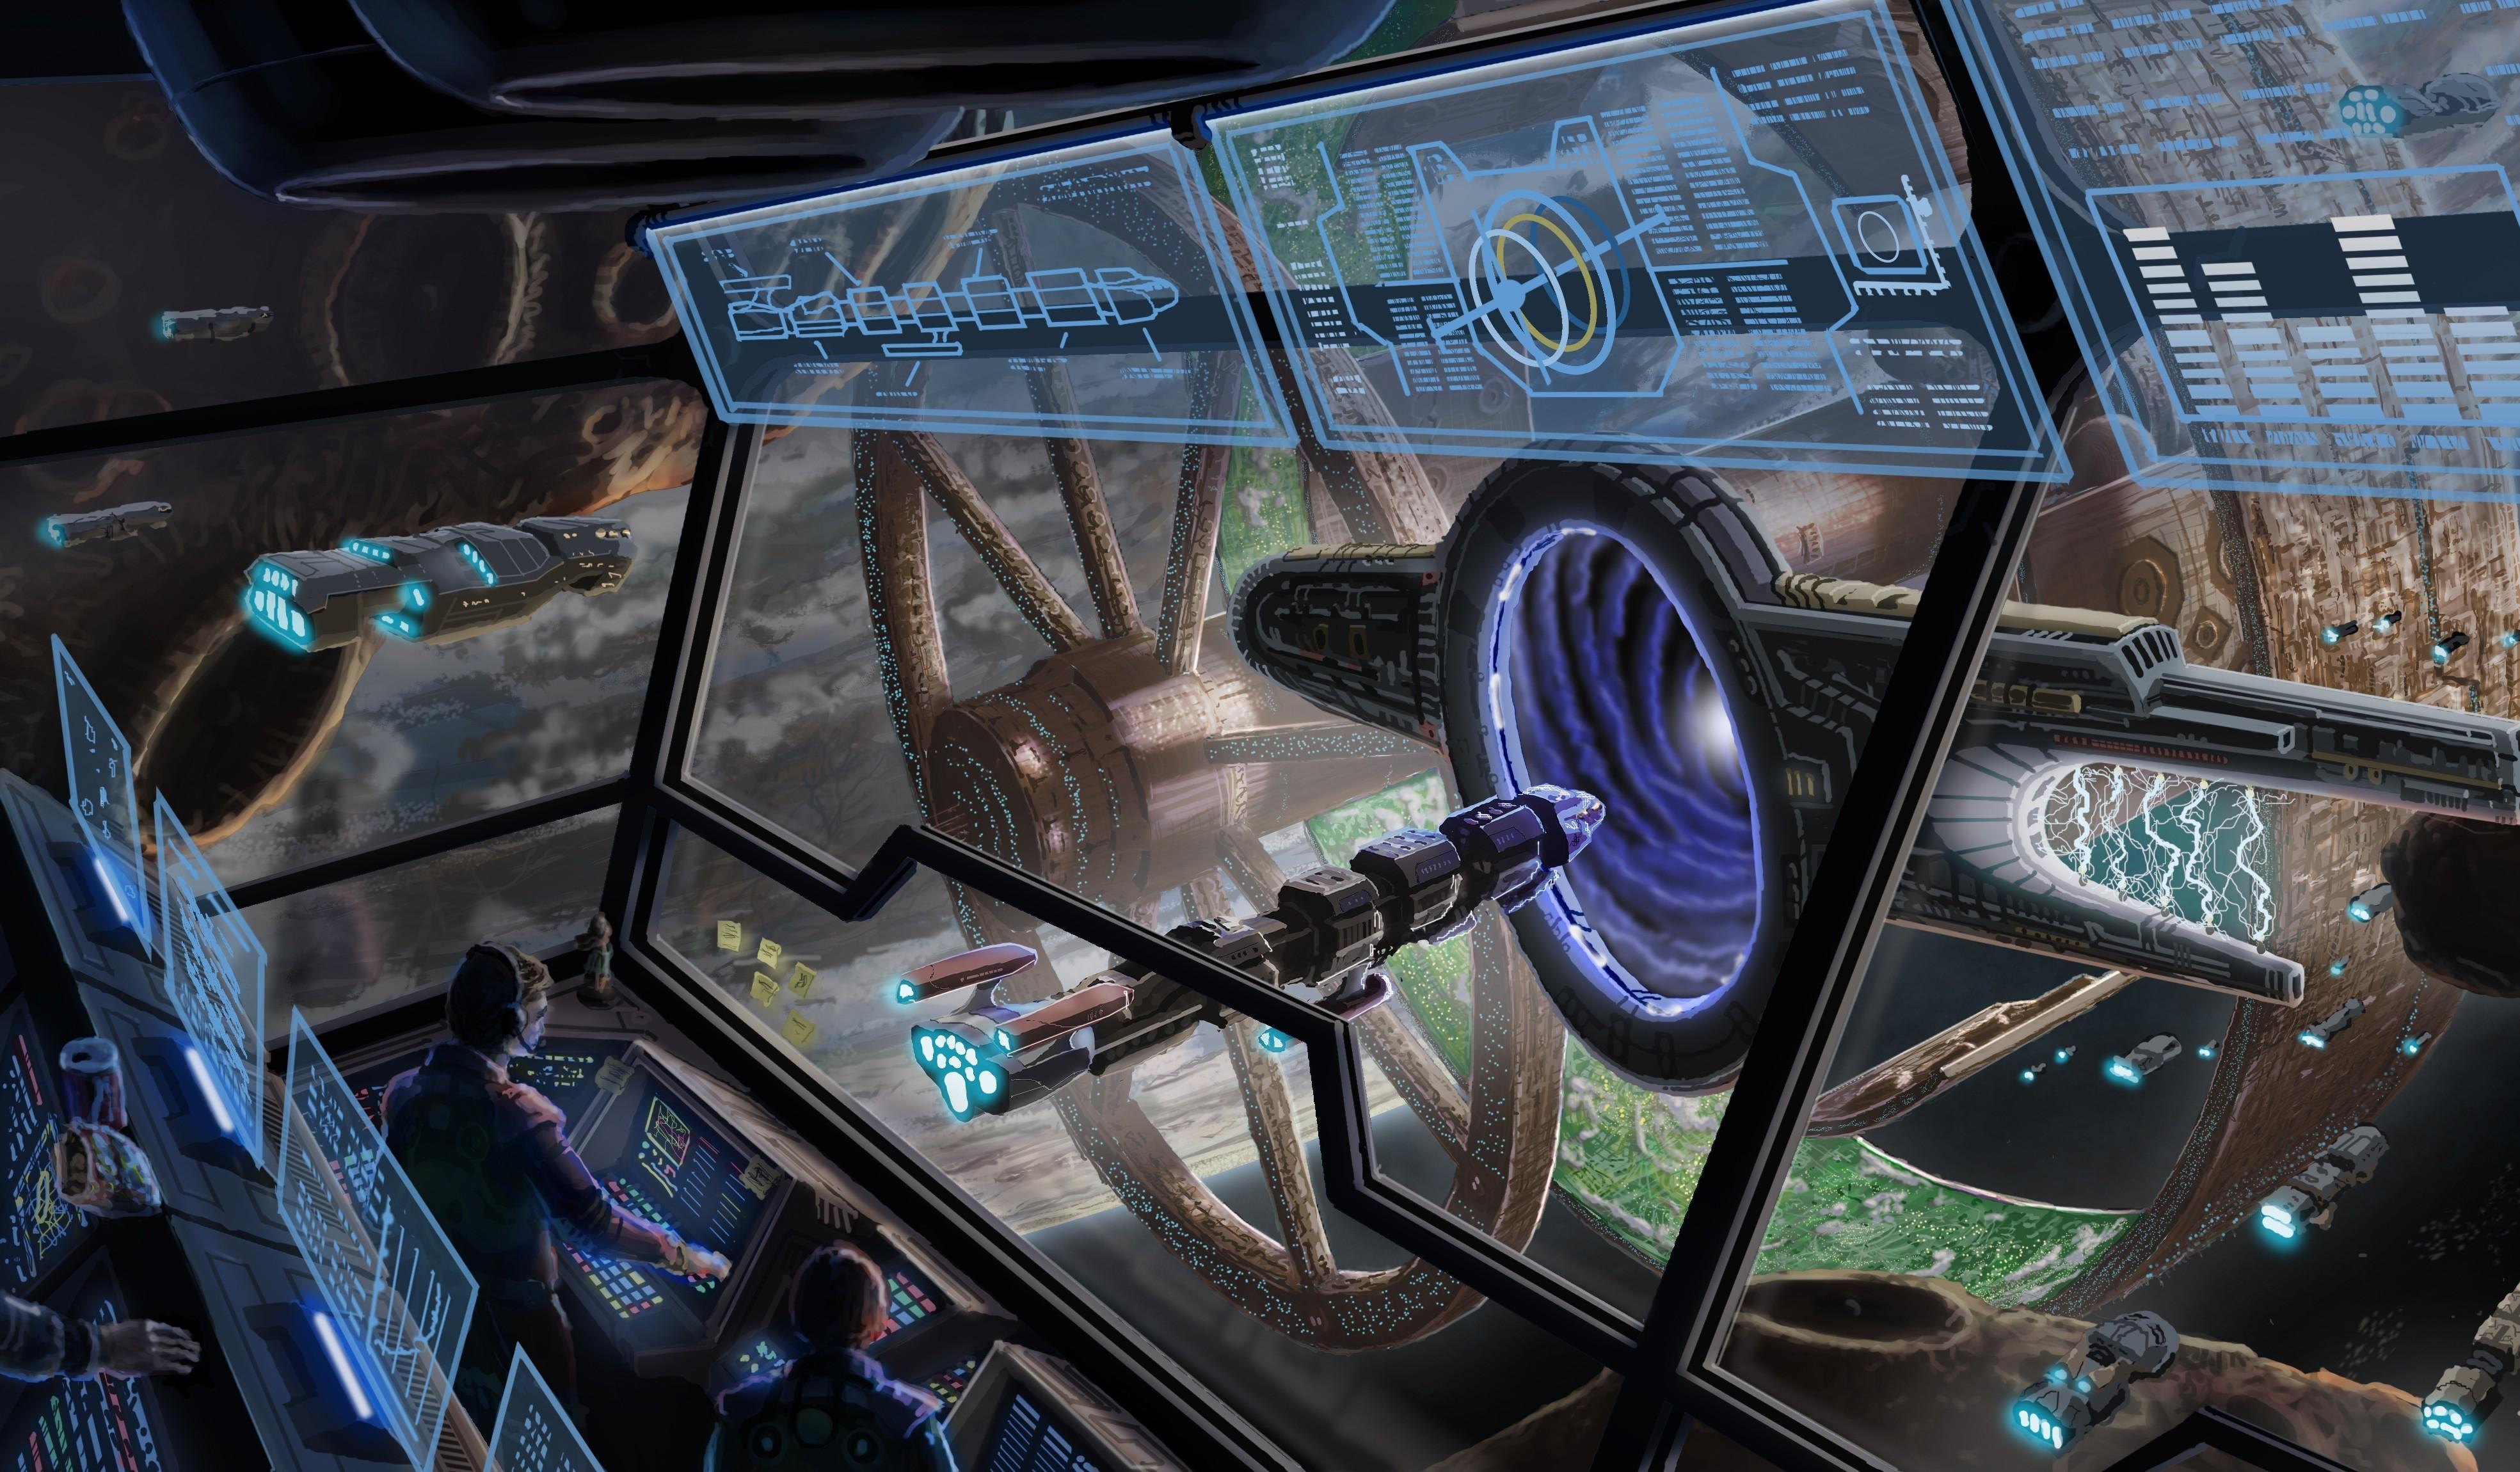 Stargate Iphone Wallpaper Http Pangeawizard Deviantart Com Art Stargate Control